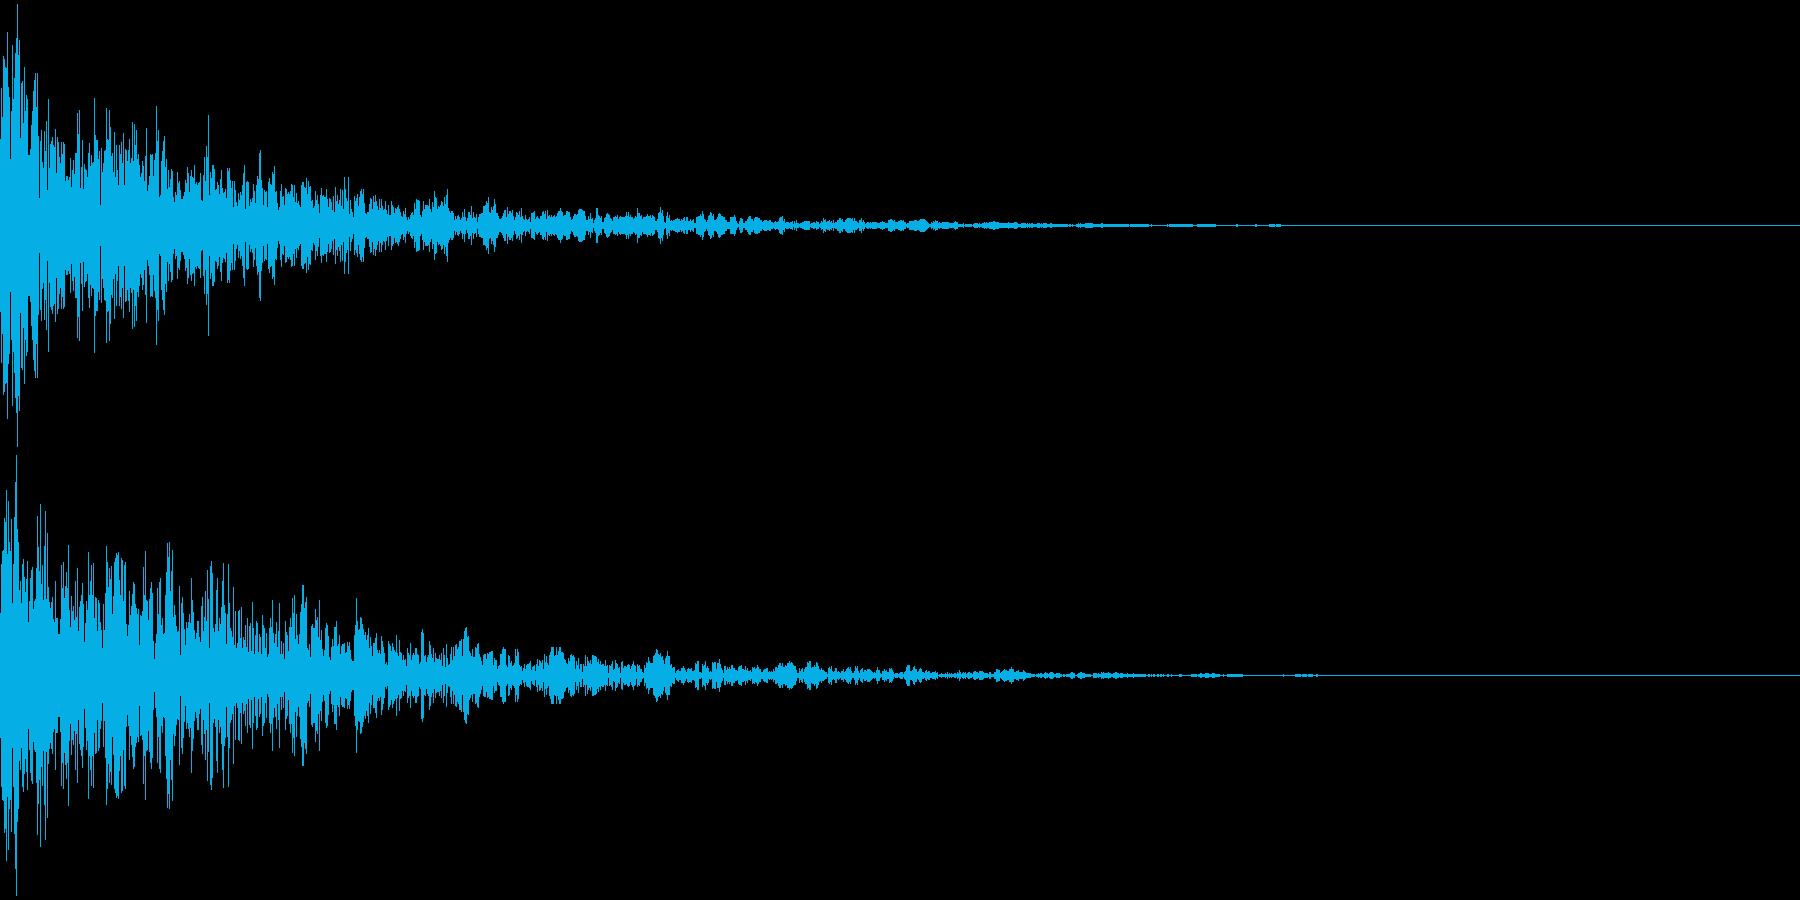 ドーン-29-2(インパクト音)の再生済みの波形